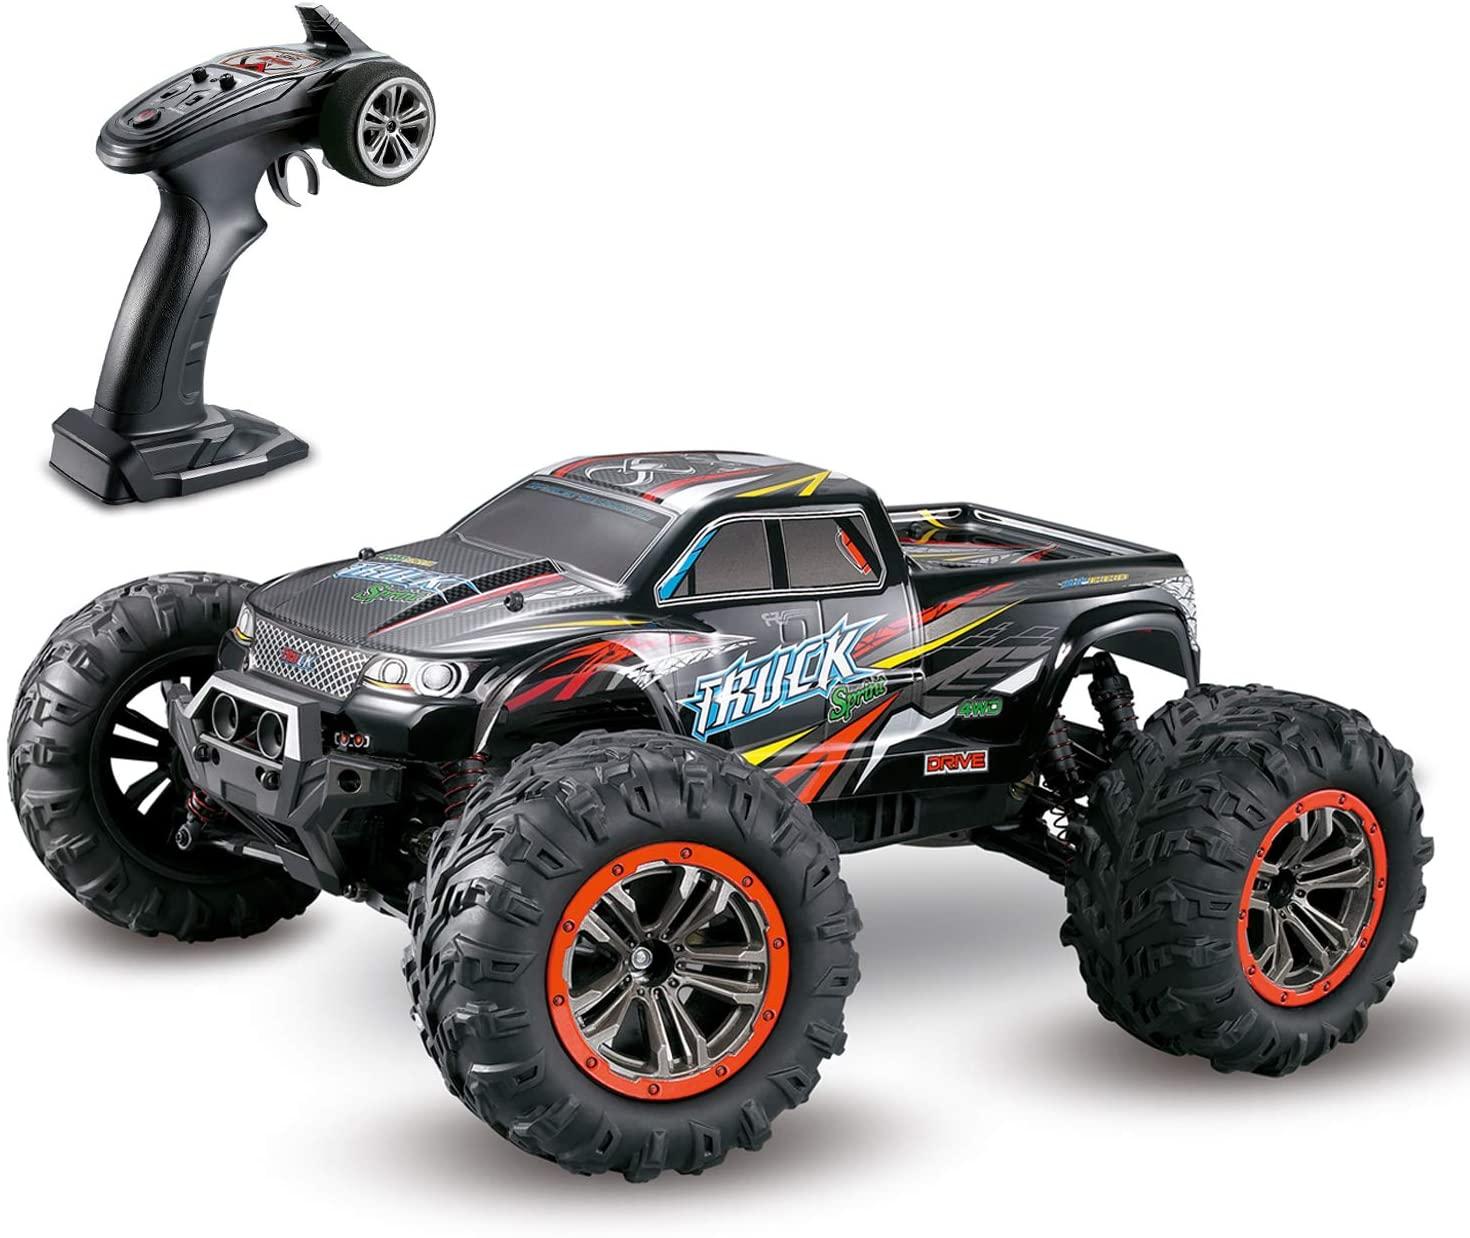 Hosim Remote Control Car, 1:10 Gran Escala RC Buggy Car, Coche de Juguete eléctrico para niños y Adultos (Rojo)